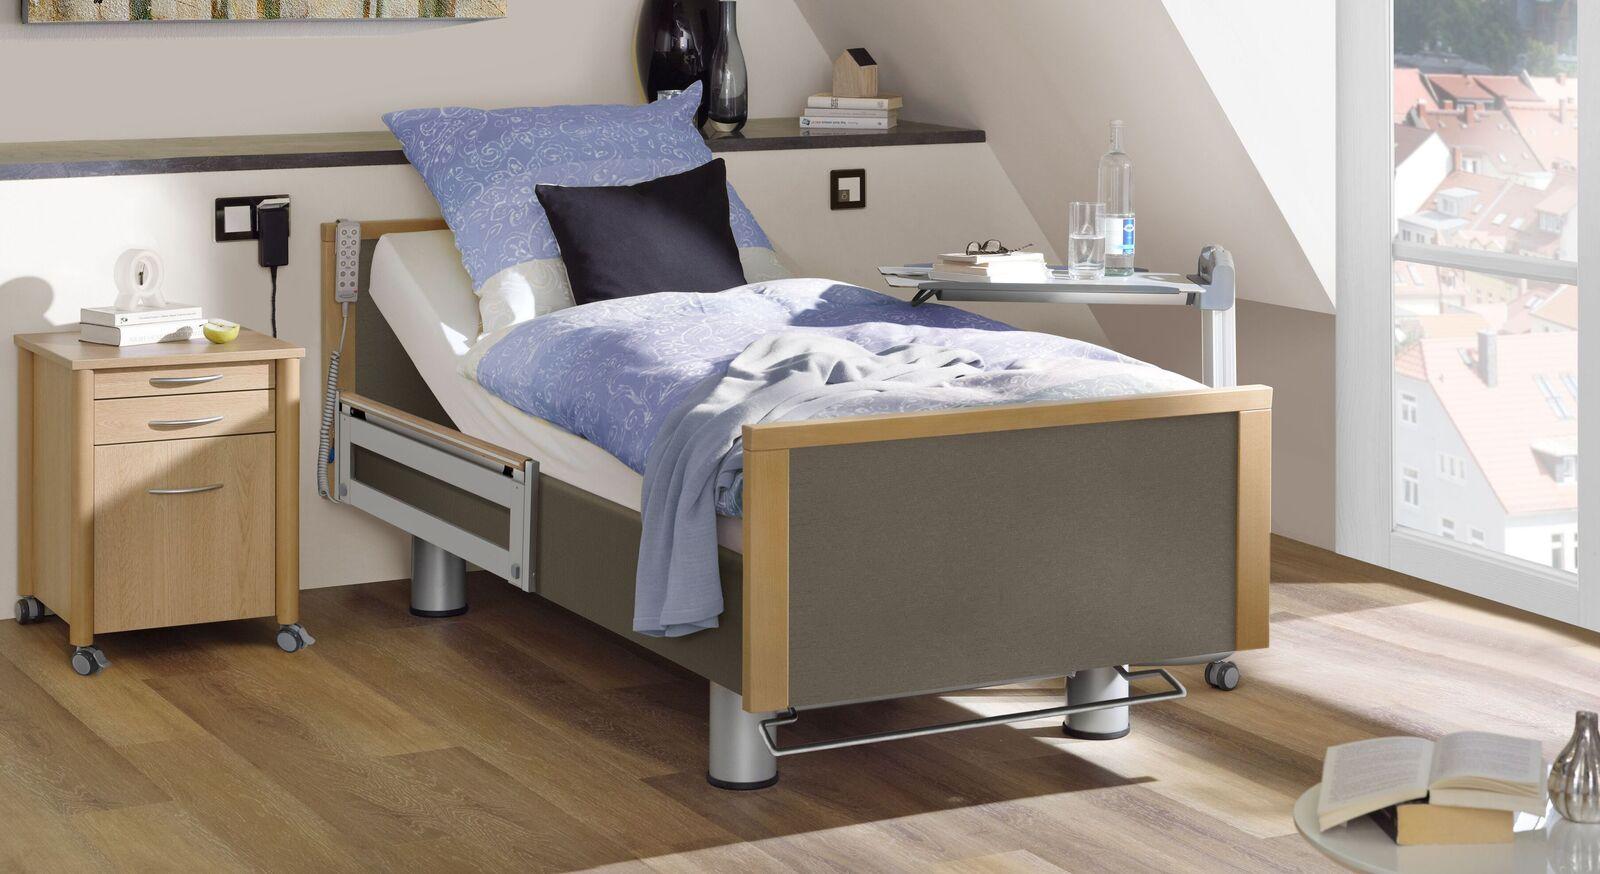 Komfortbett mit Pflegebett-Funktion Sylt mit graubraunem Stoff